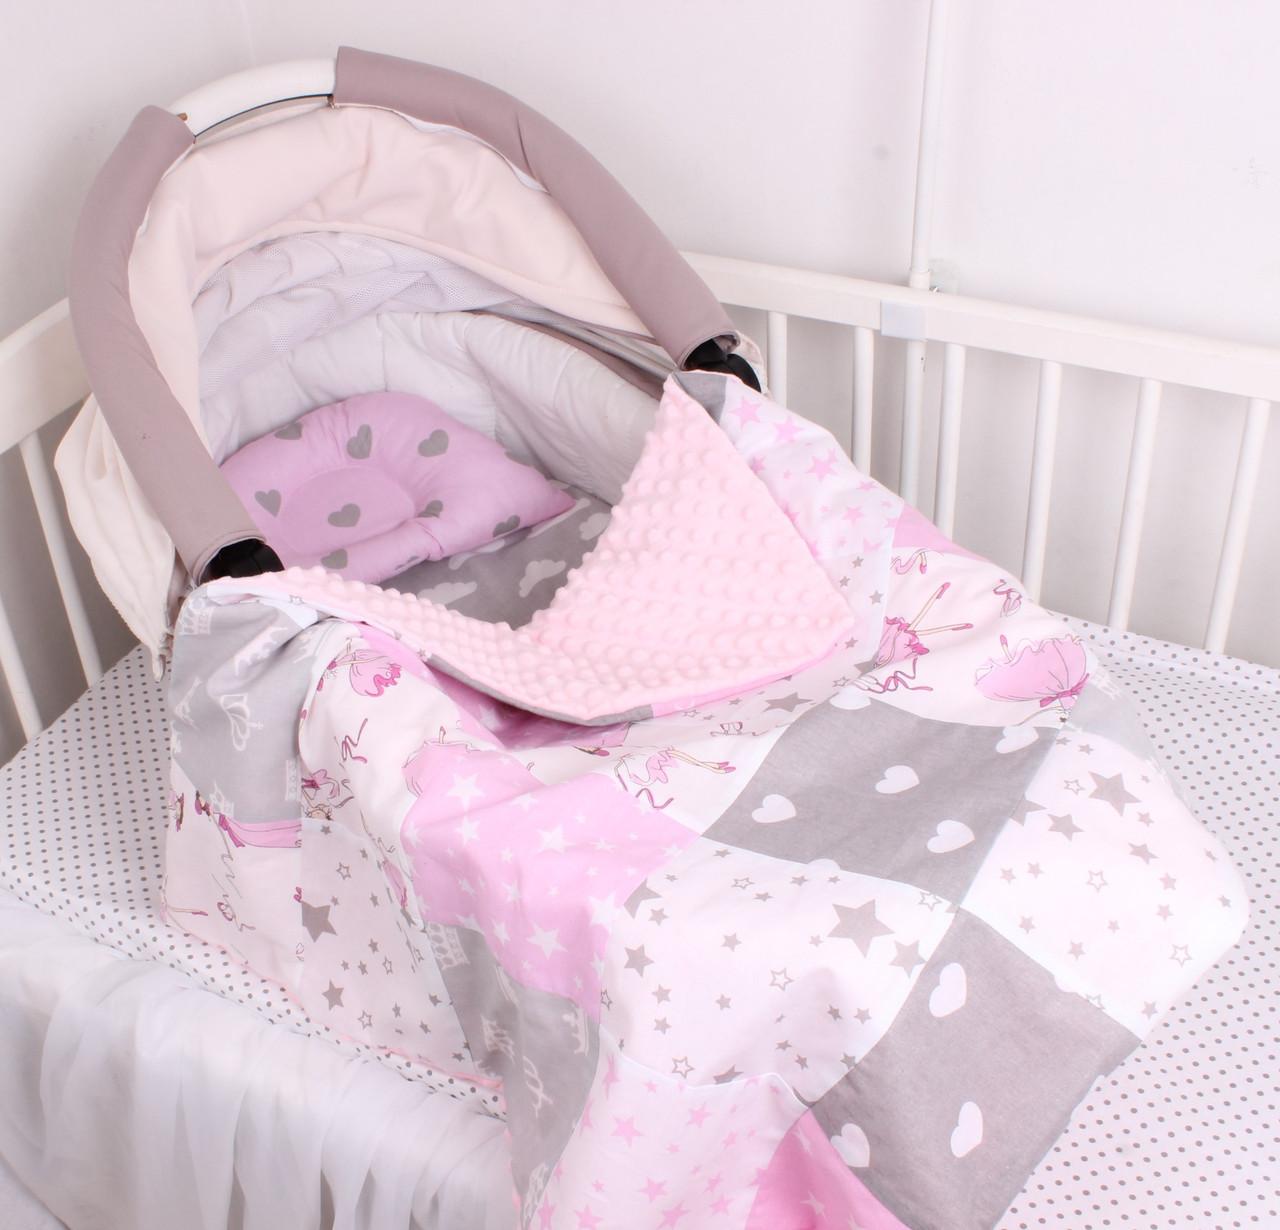 """Комплект в коляску для новорожденного """"Балерины и сердца"""""""